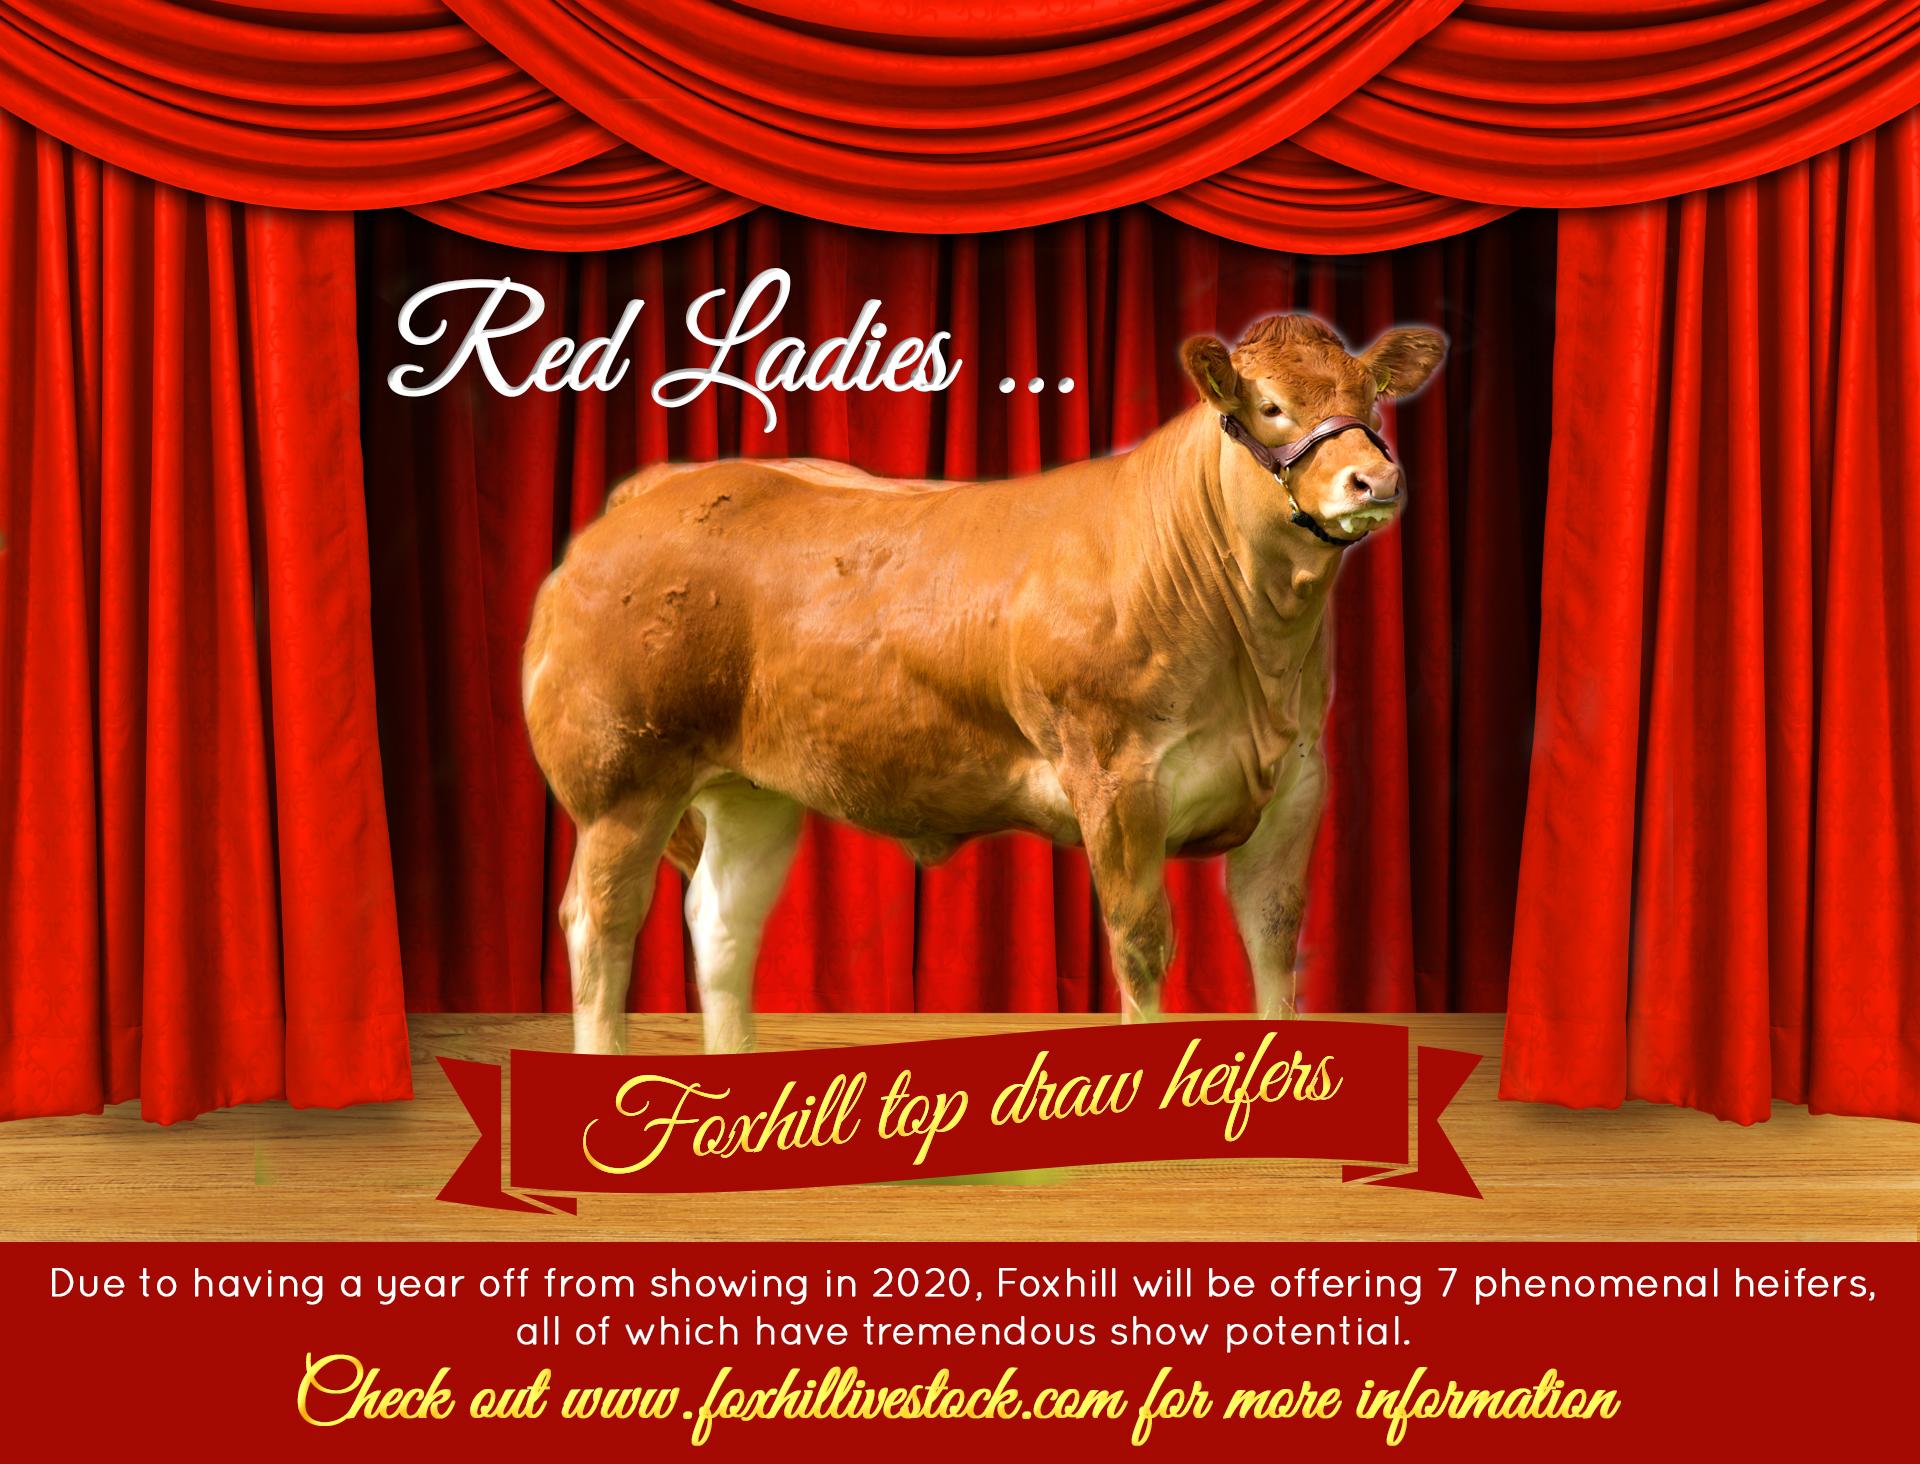 red ladies edit 2